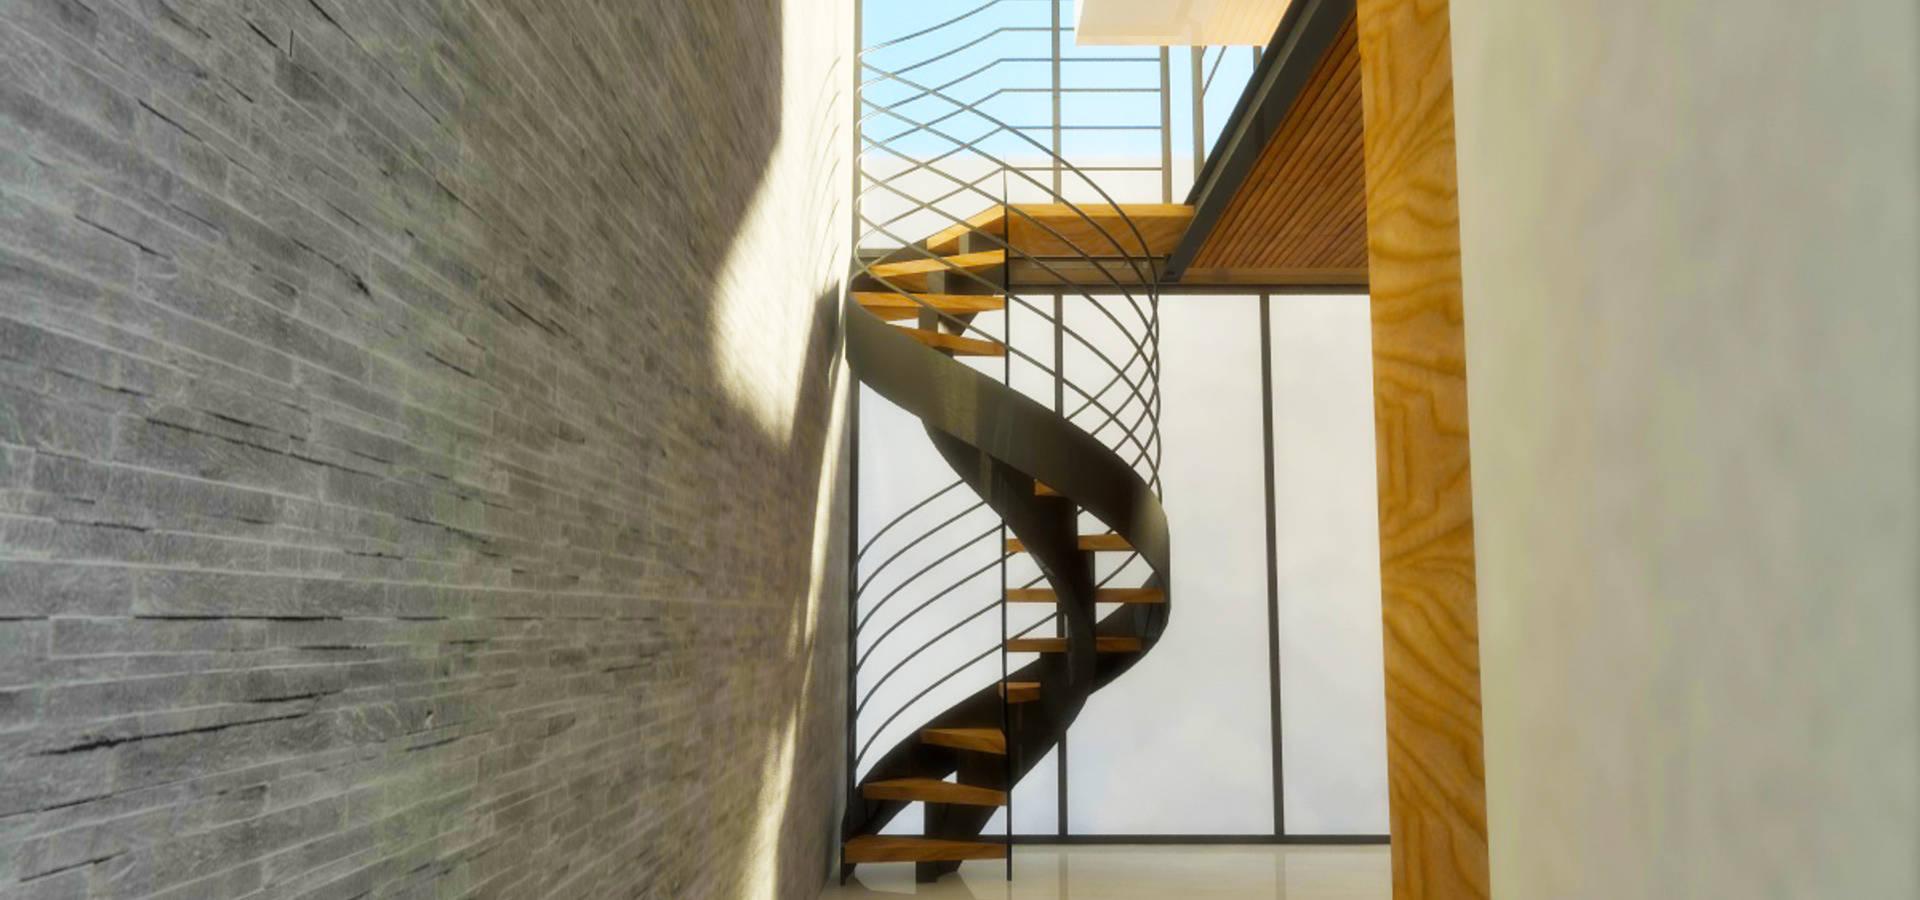 Dlr arquitectura dlr dise o en madera casa habitacion l - Arquitectura en madera ...